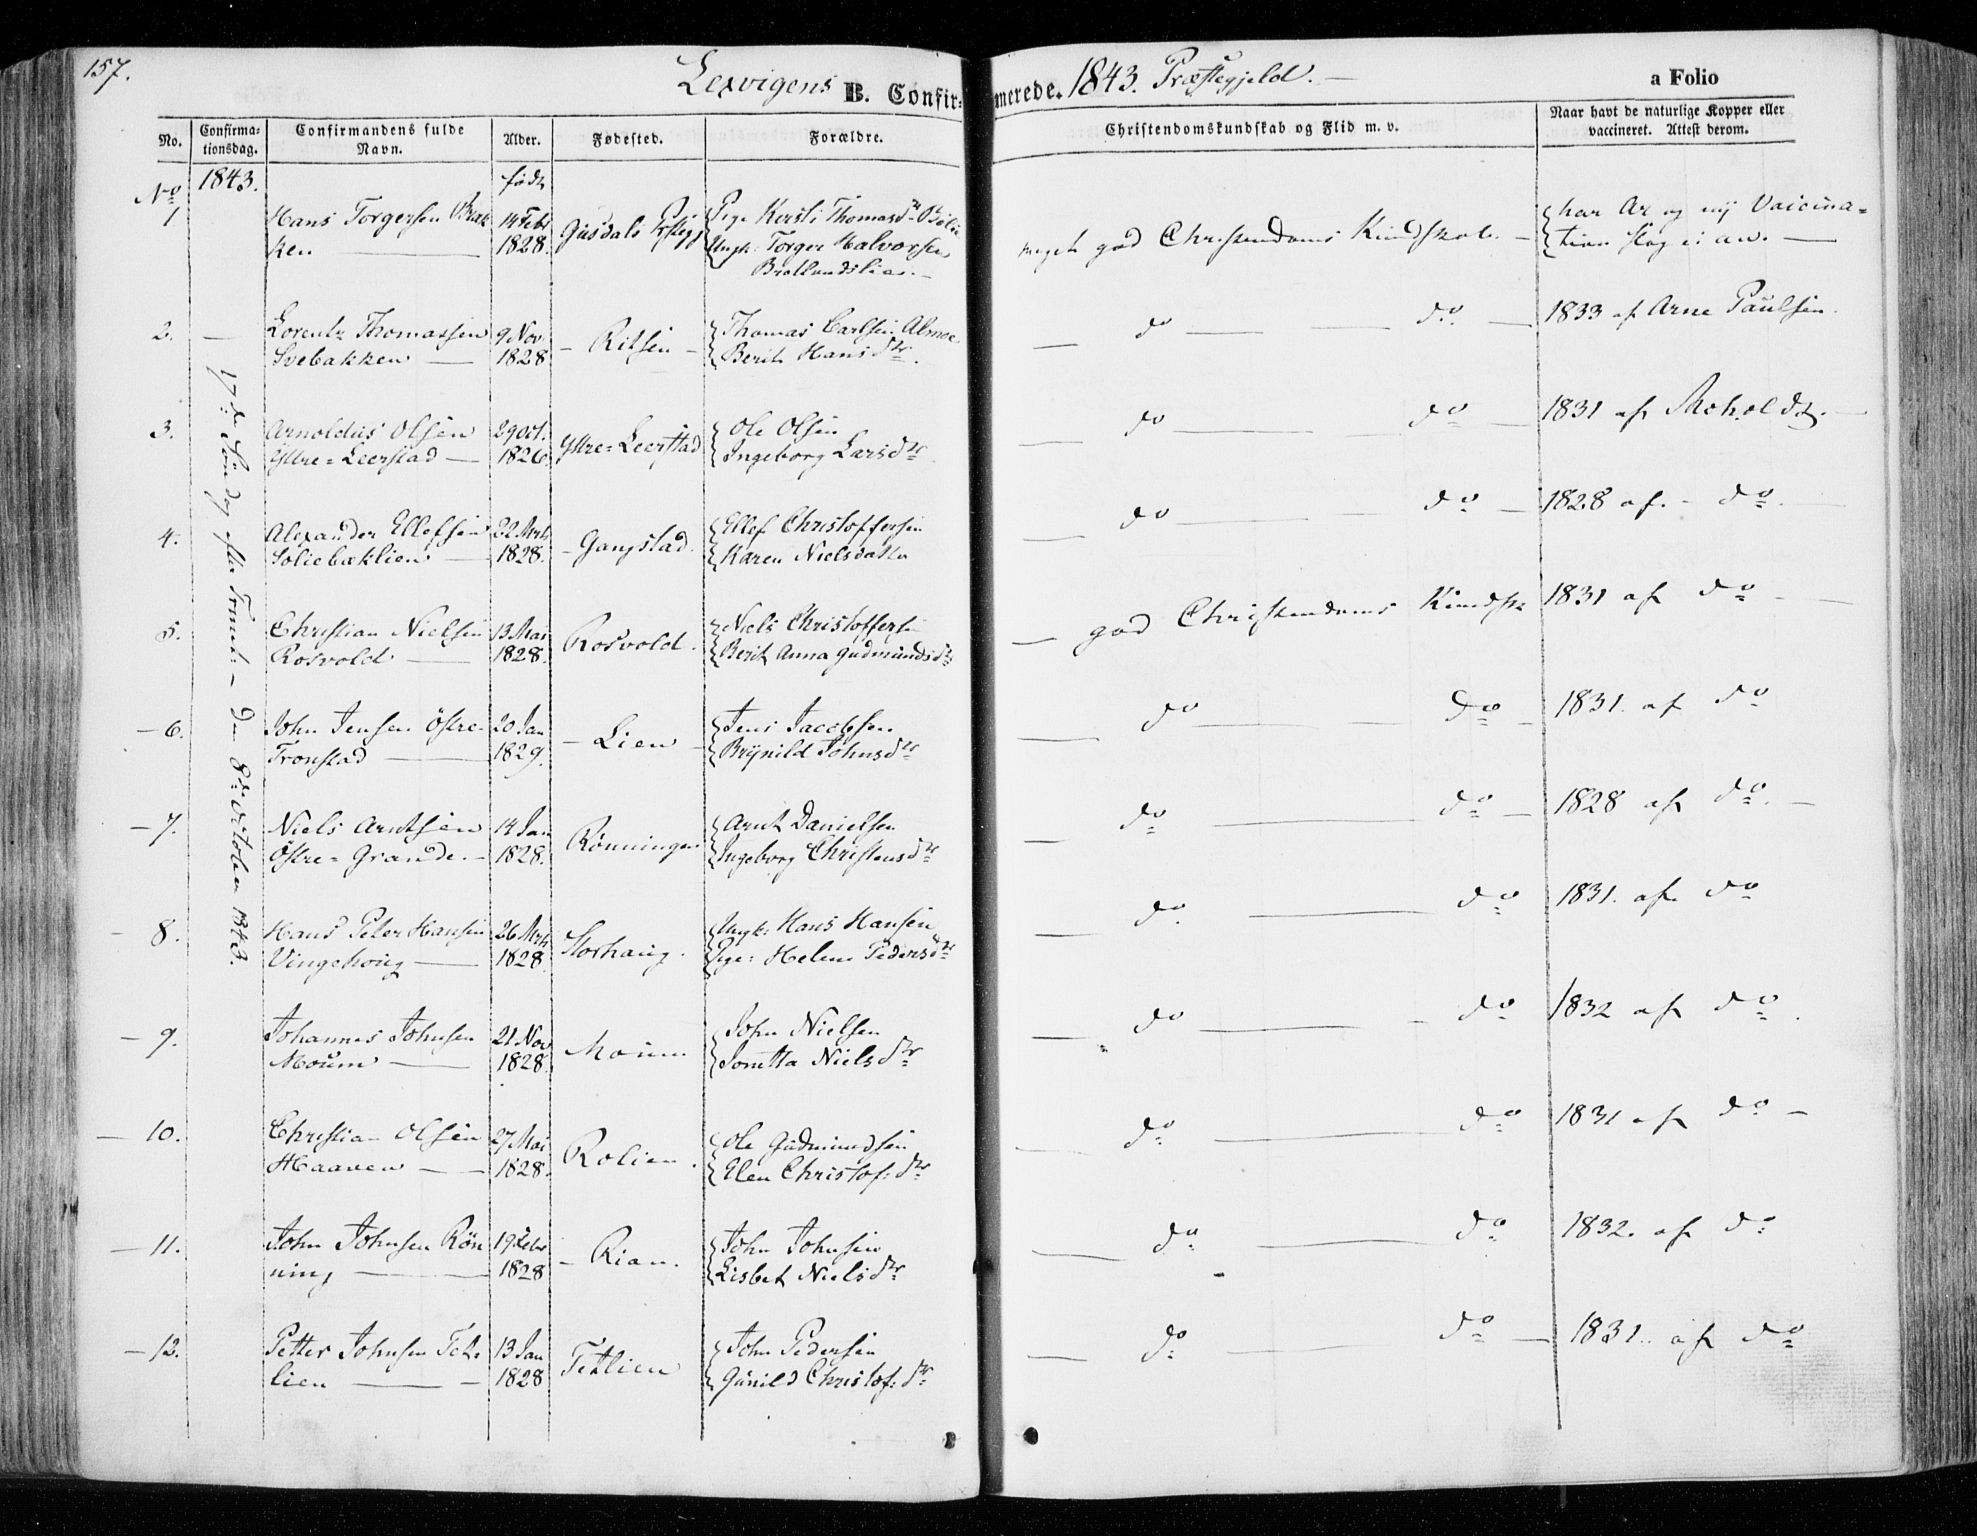 SAT, Ministerialprotokoller, klokkerbøker og fødselsregistre - Nord-Trøndelag, 701/L0007: Ministerialbok nr. 701A07 /1, 1842-1854, s. 157